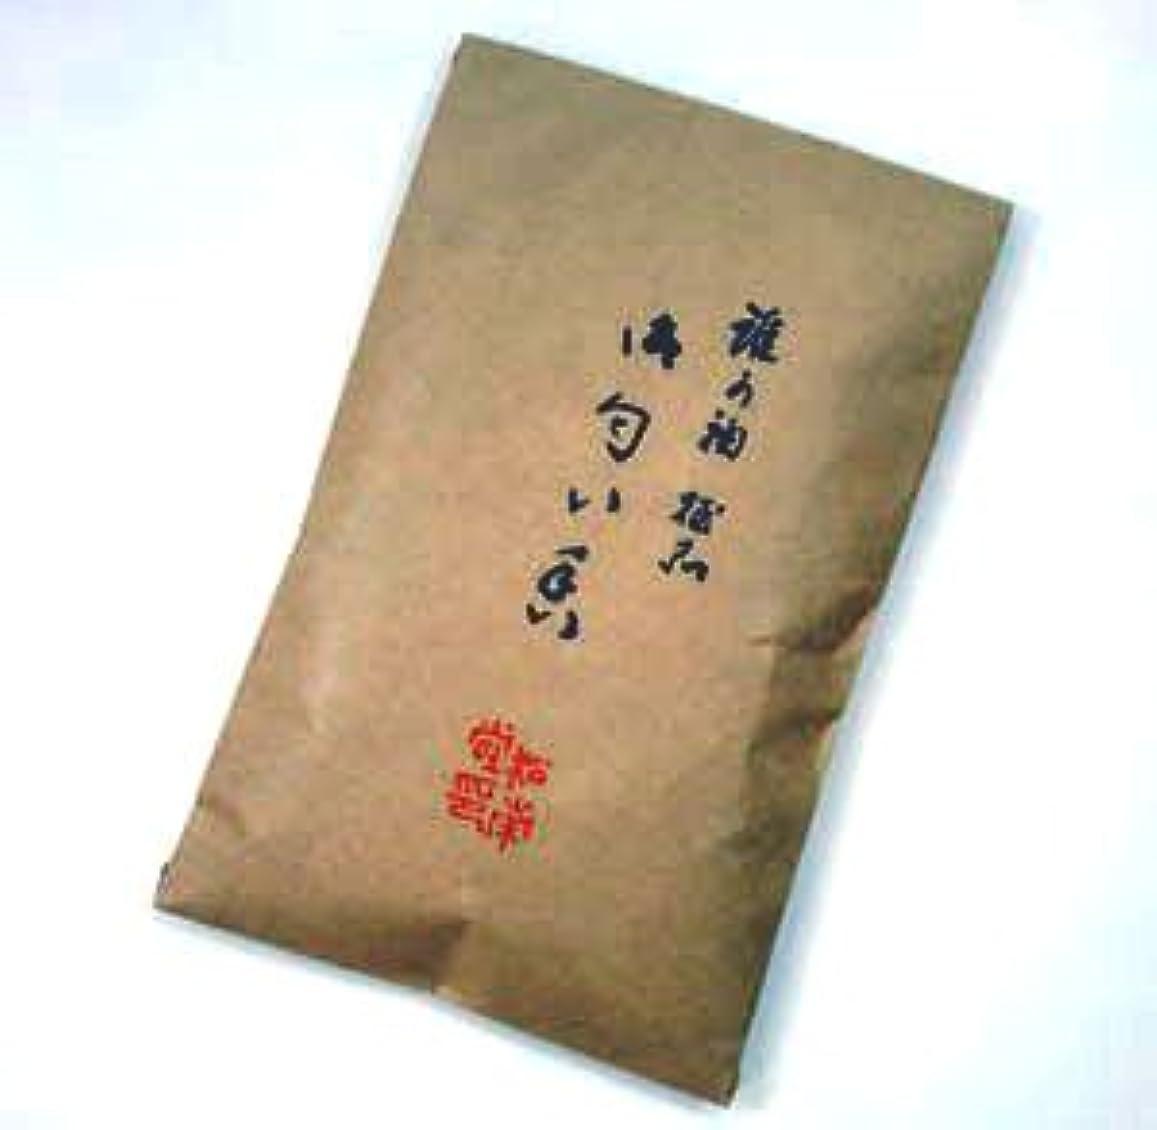 メダルパーティション暫定匂い袋用のお香(詰替え用) 「匂い香【極品】」